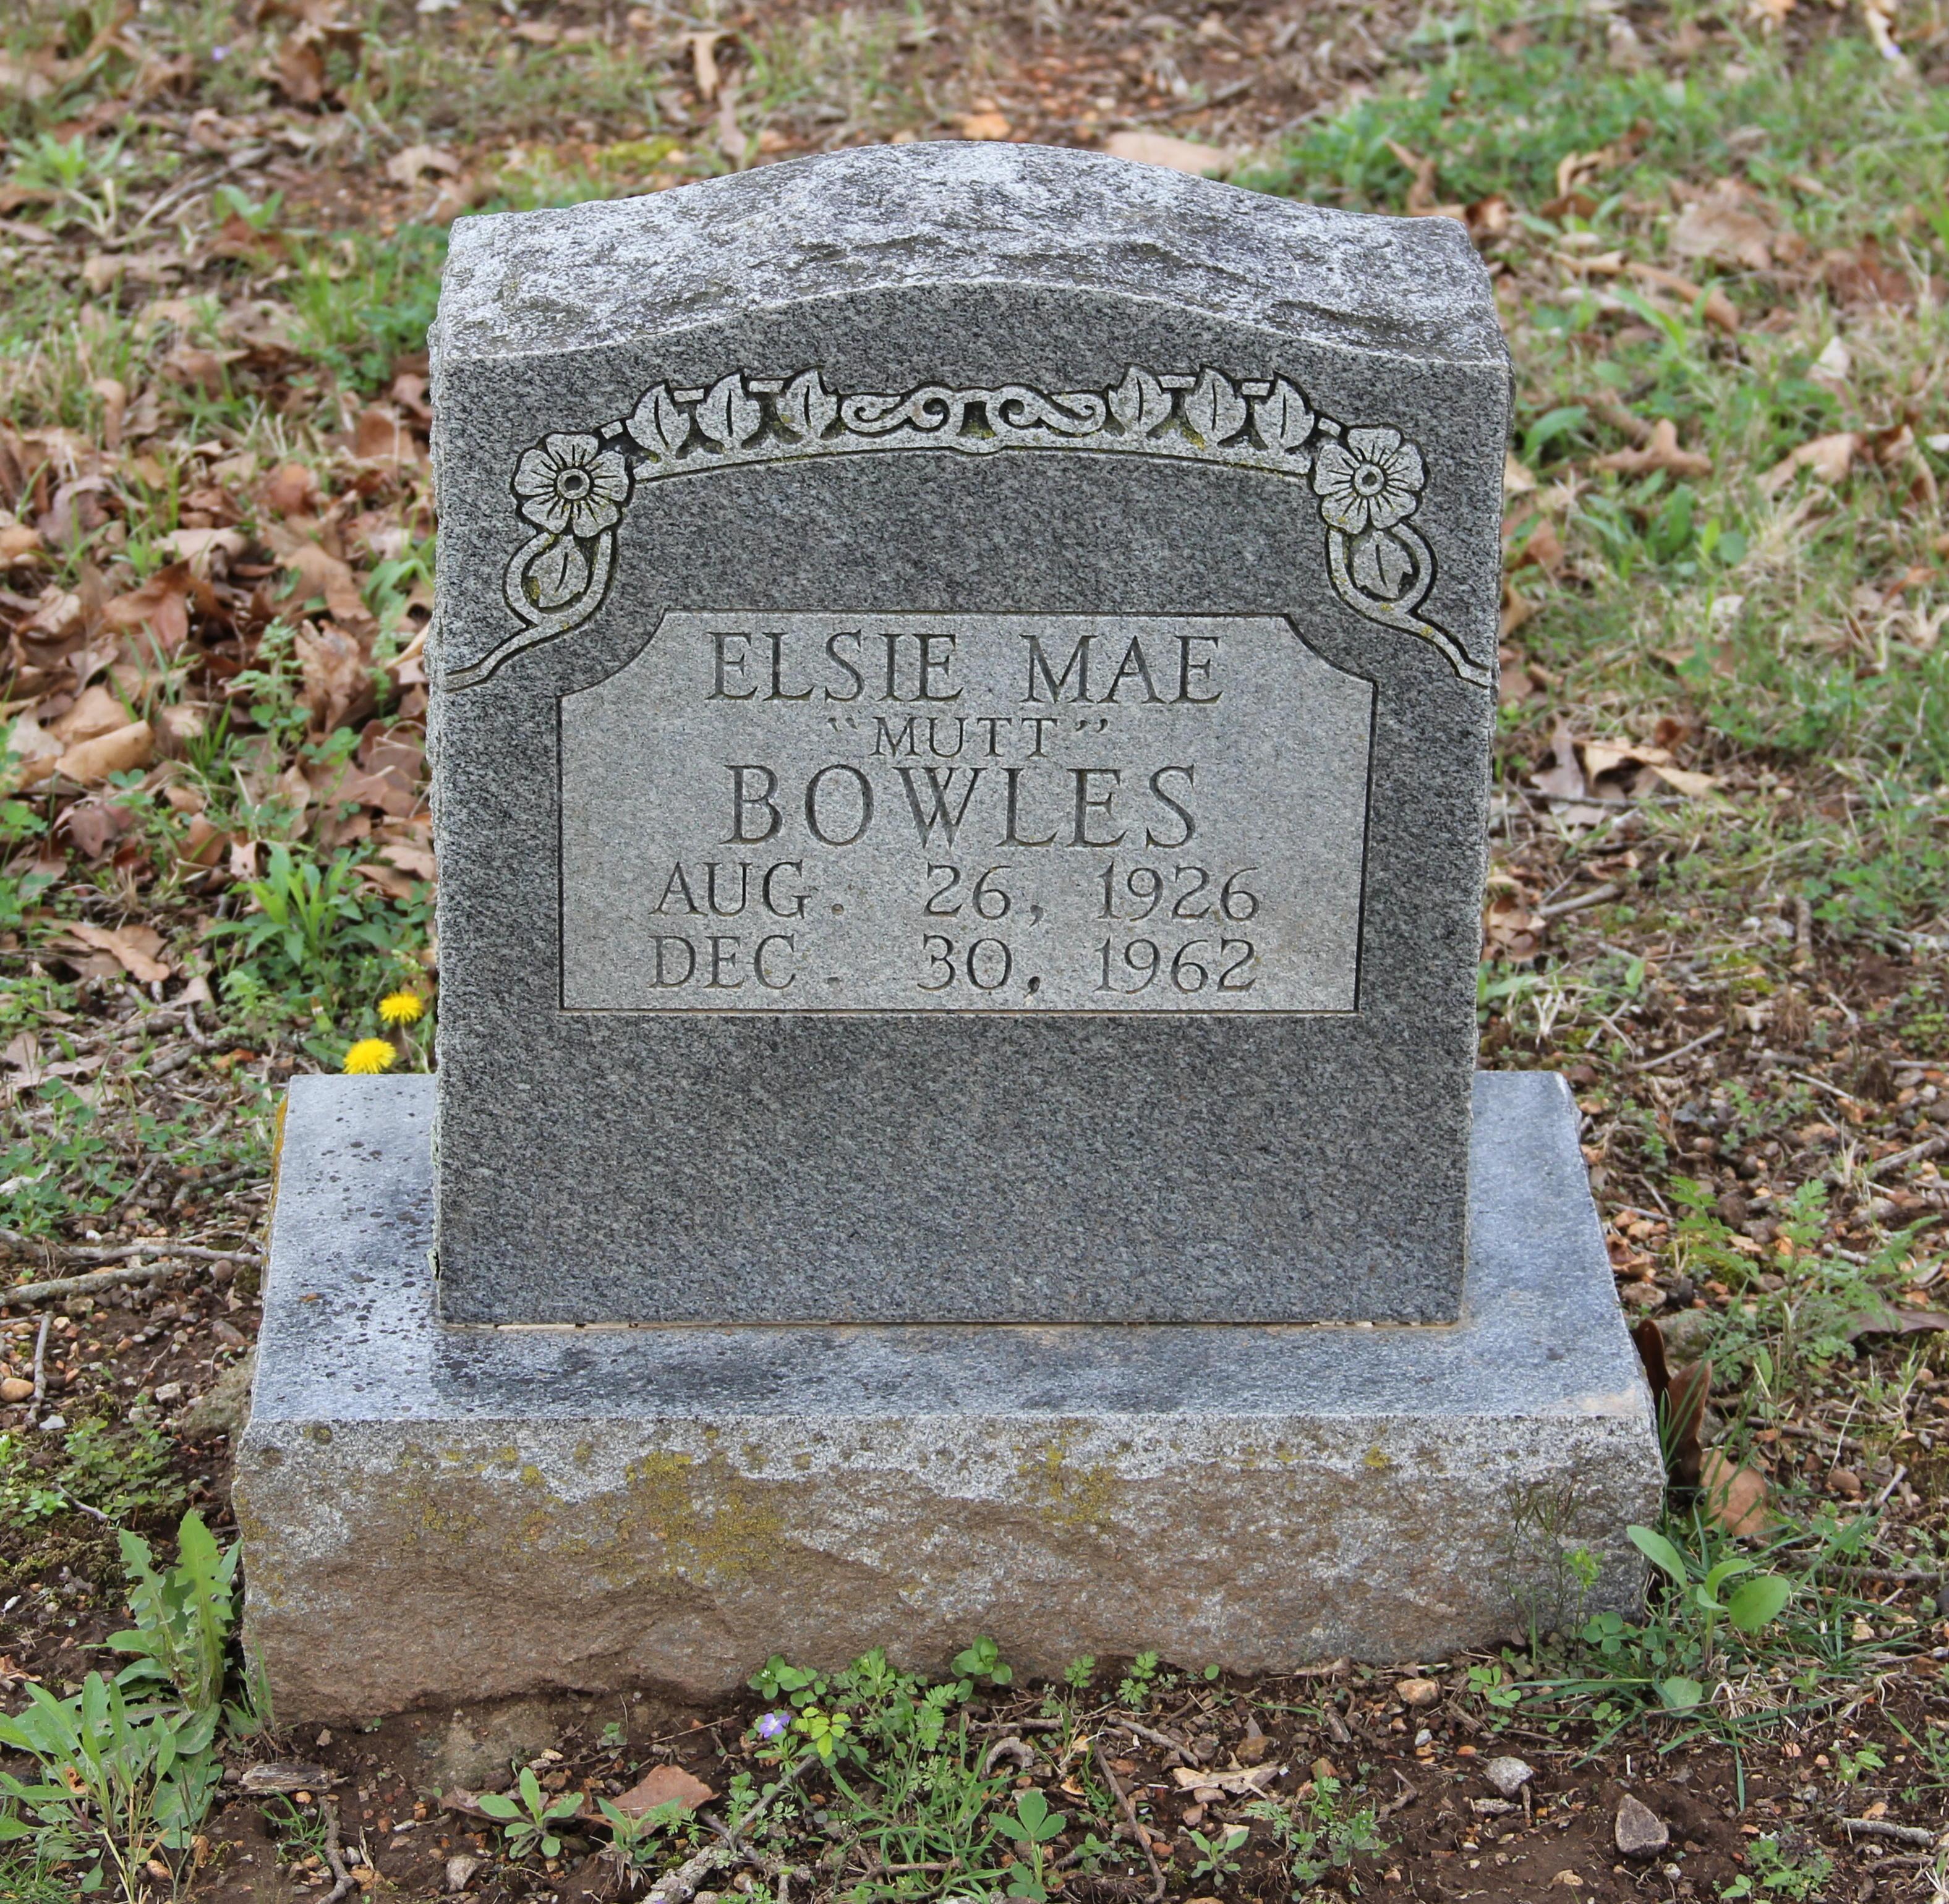 Elsie Mae Bowles